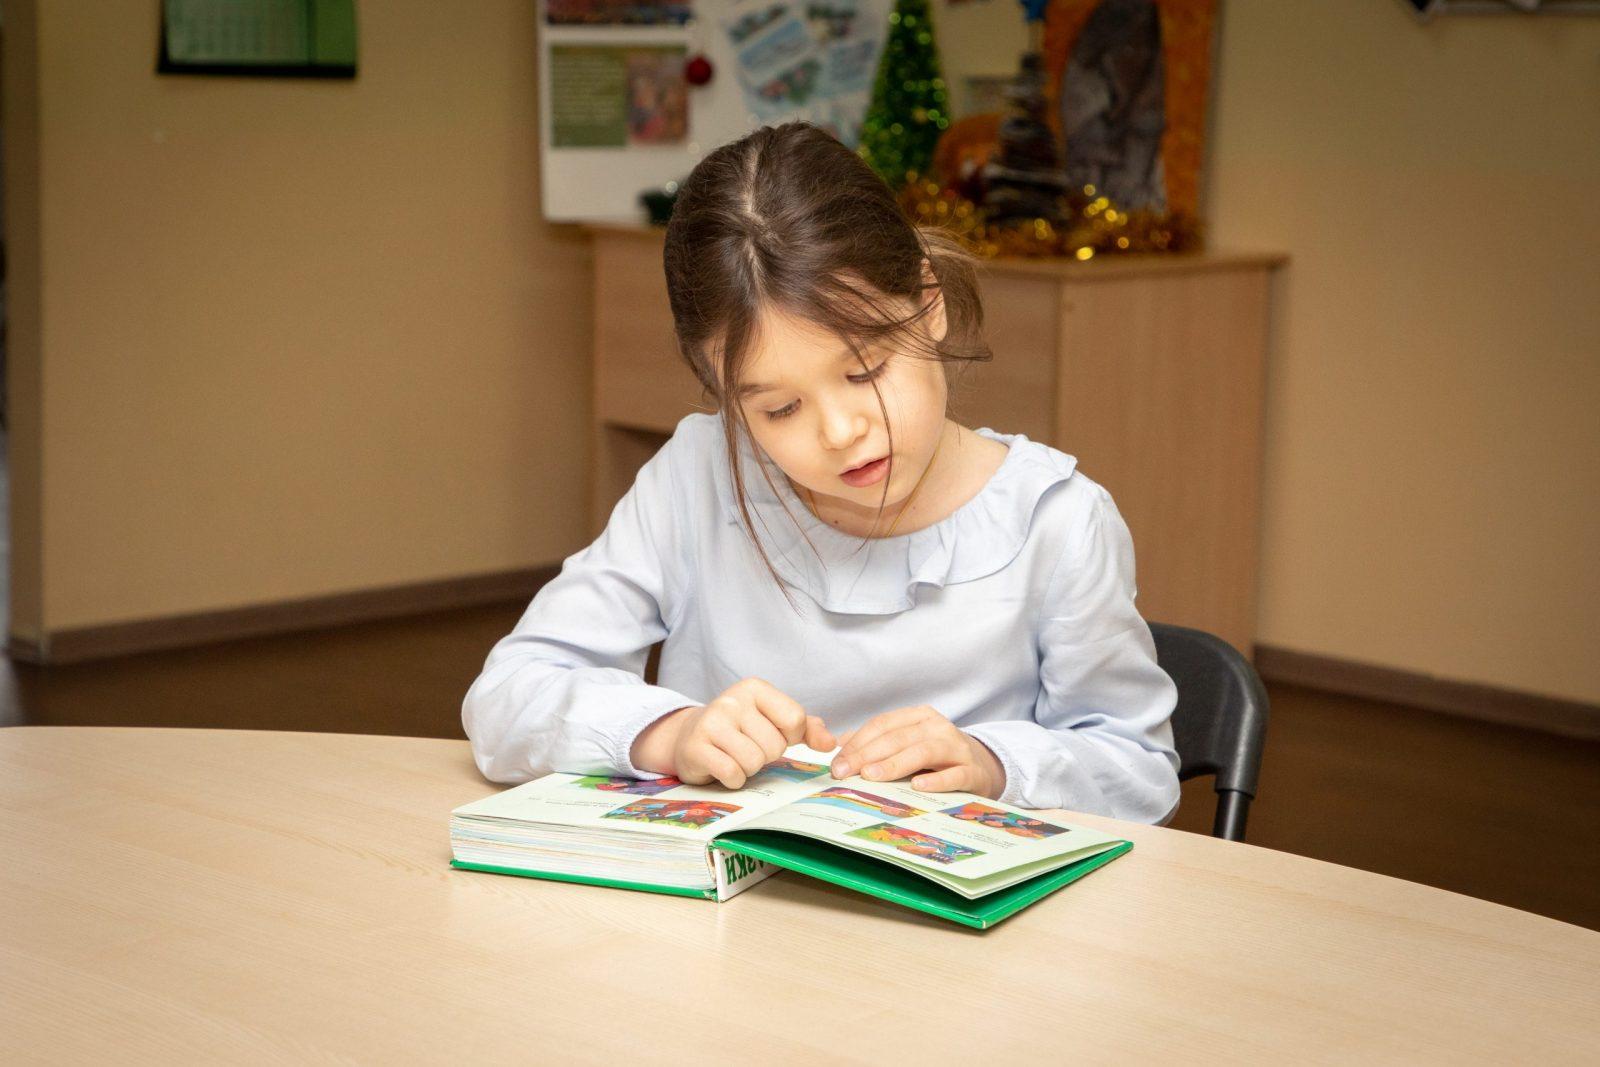 Рекомендации психолога по развитию мотивации будущего первоклассника к обучению в школе.